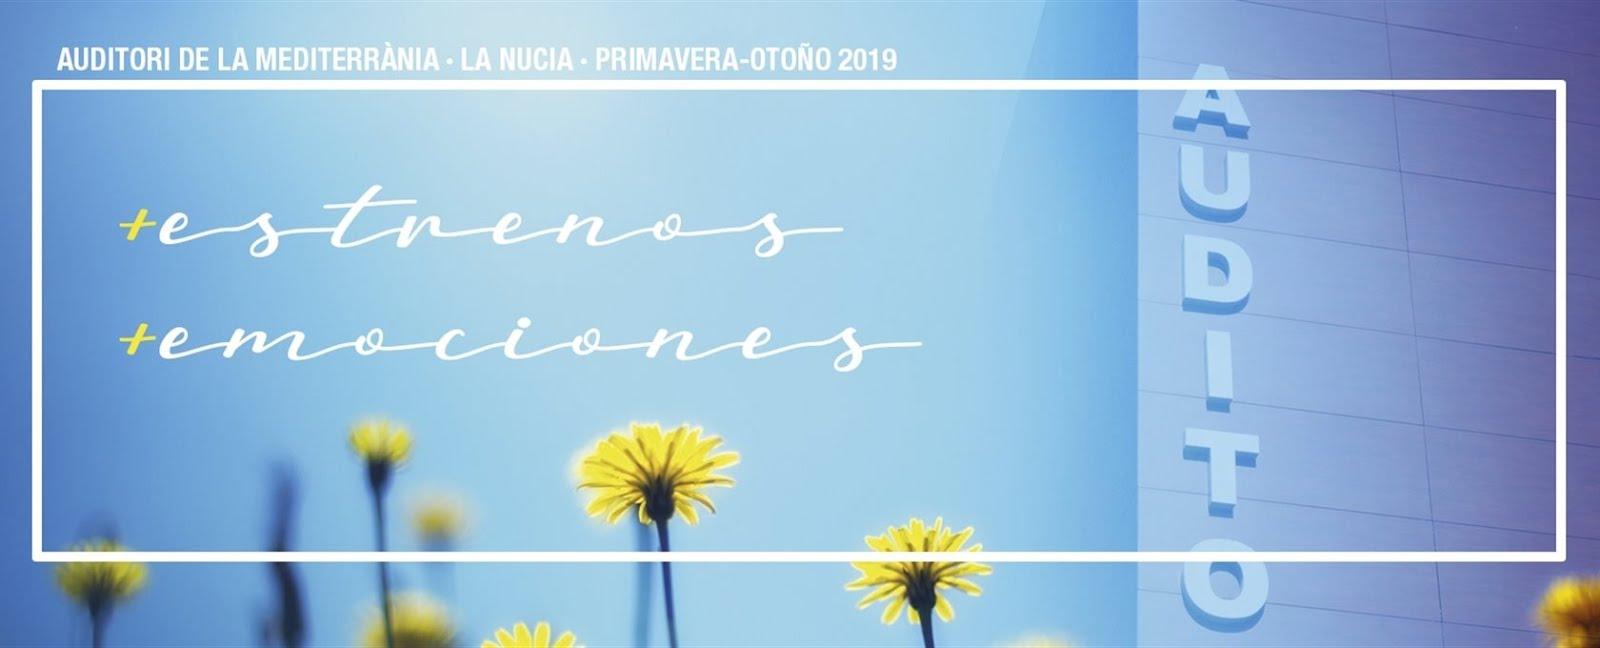 AM: +EMOCIONES +ESTRENOS 2019